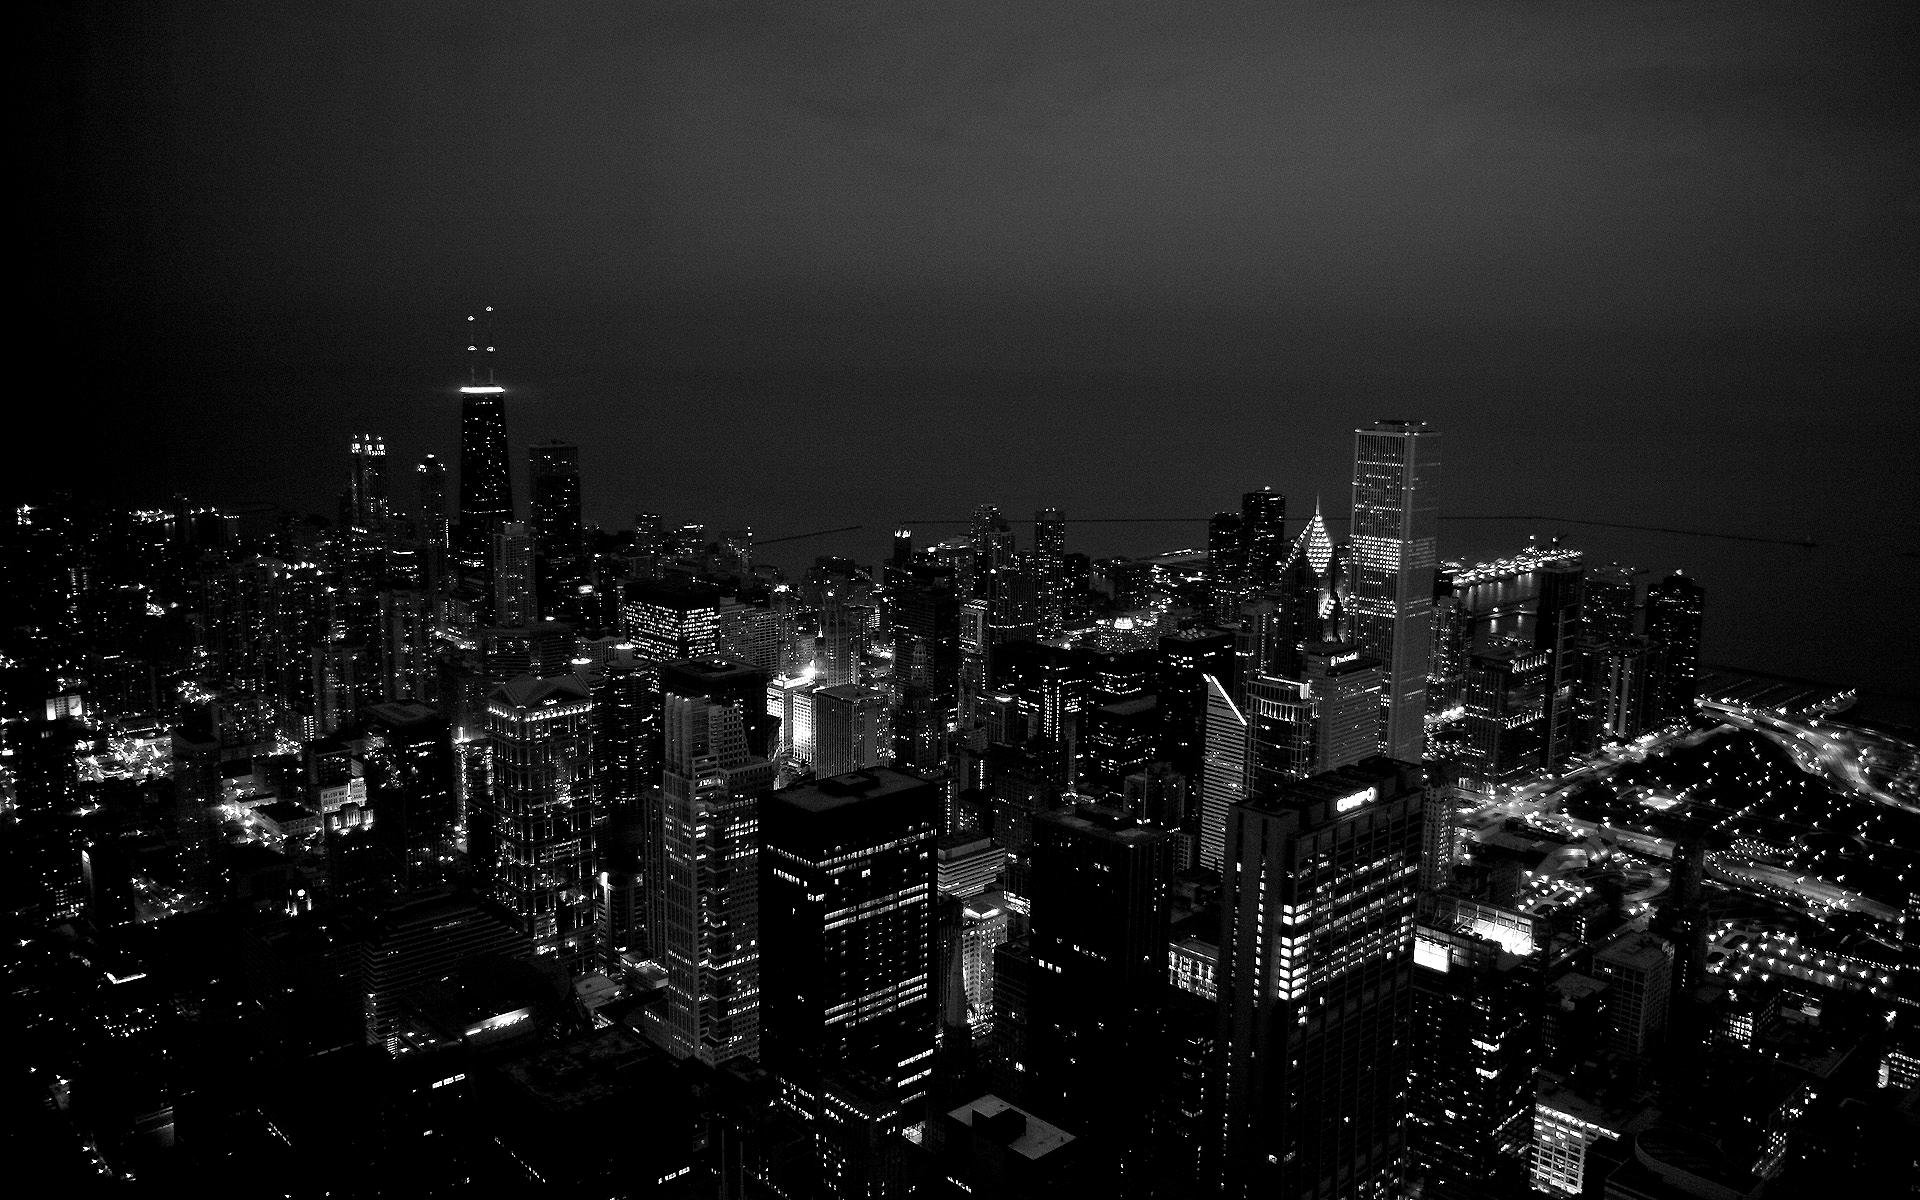 Imagenes hd en blanco y negro taringa - Blanco y negro ...